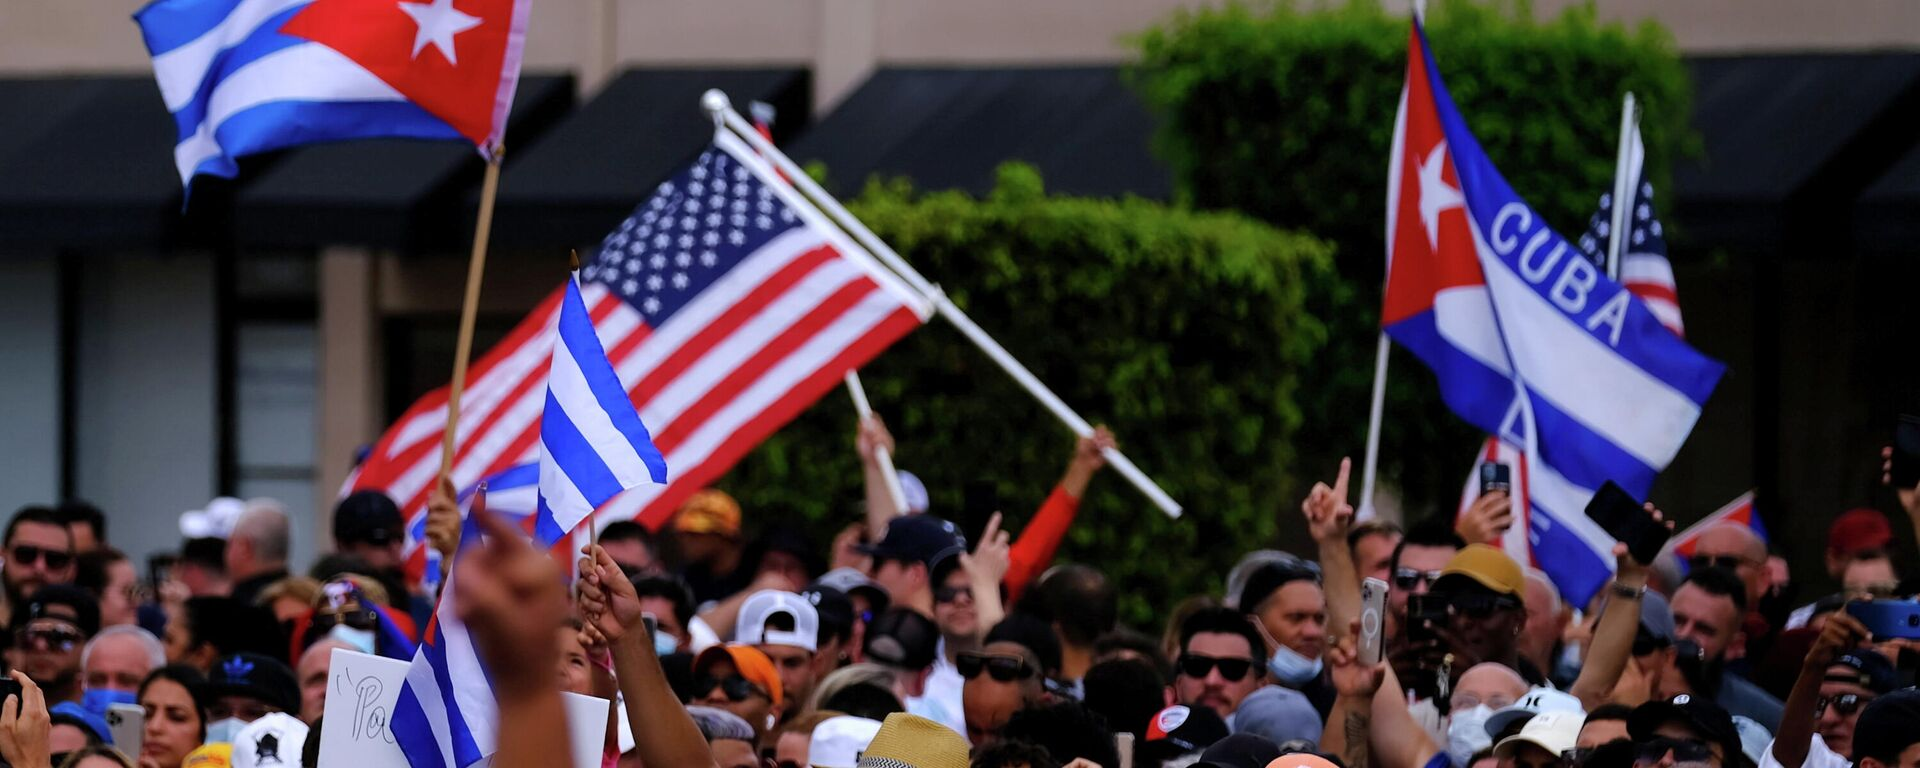 Protestas de los cubanos en Miami - Sputnik Mundo, 1920, 15.07.2021